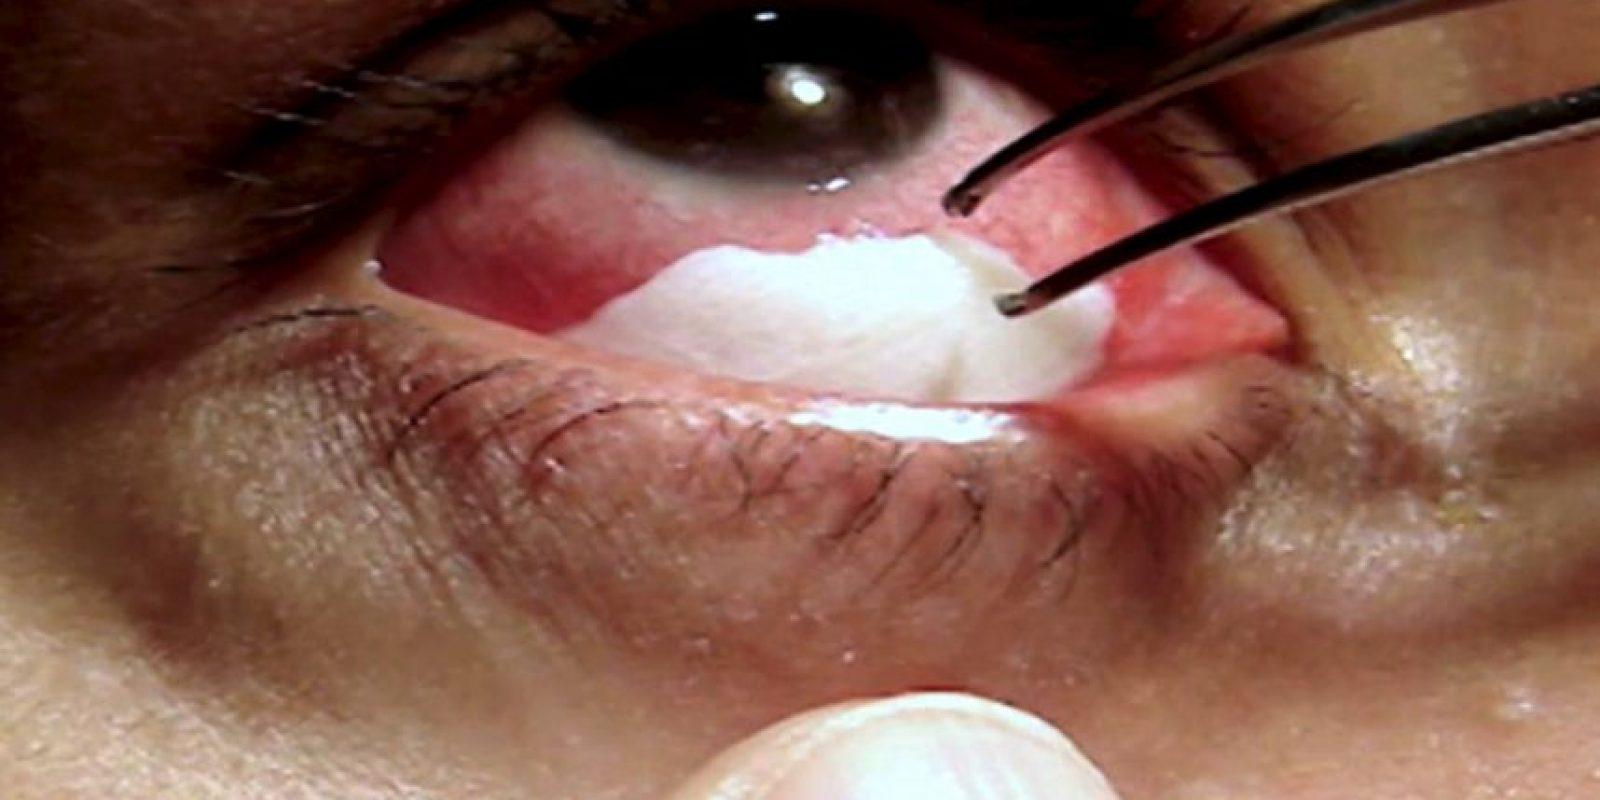 Esta maestra de párvulos de 35 años tiene inmensas placas blancas en sus ojos. Foto:vía Barcroft Media